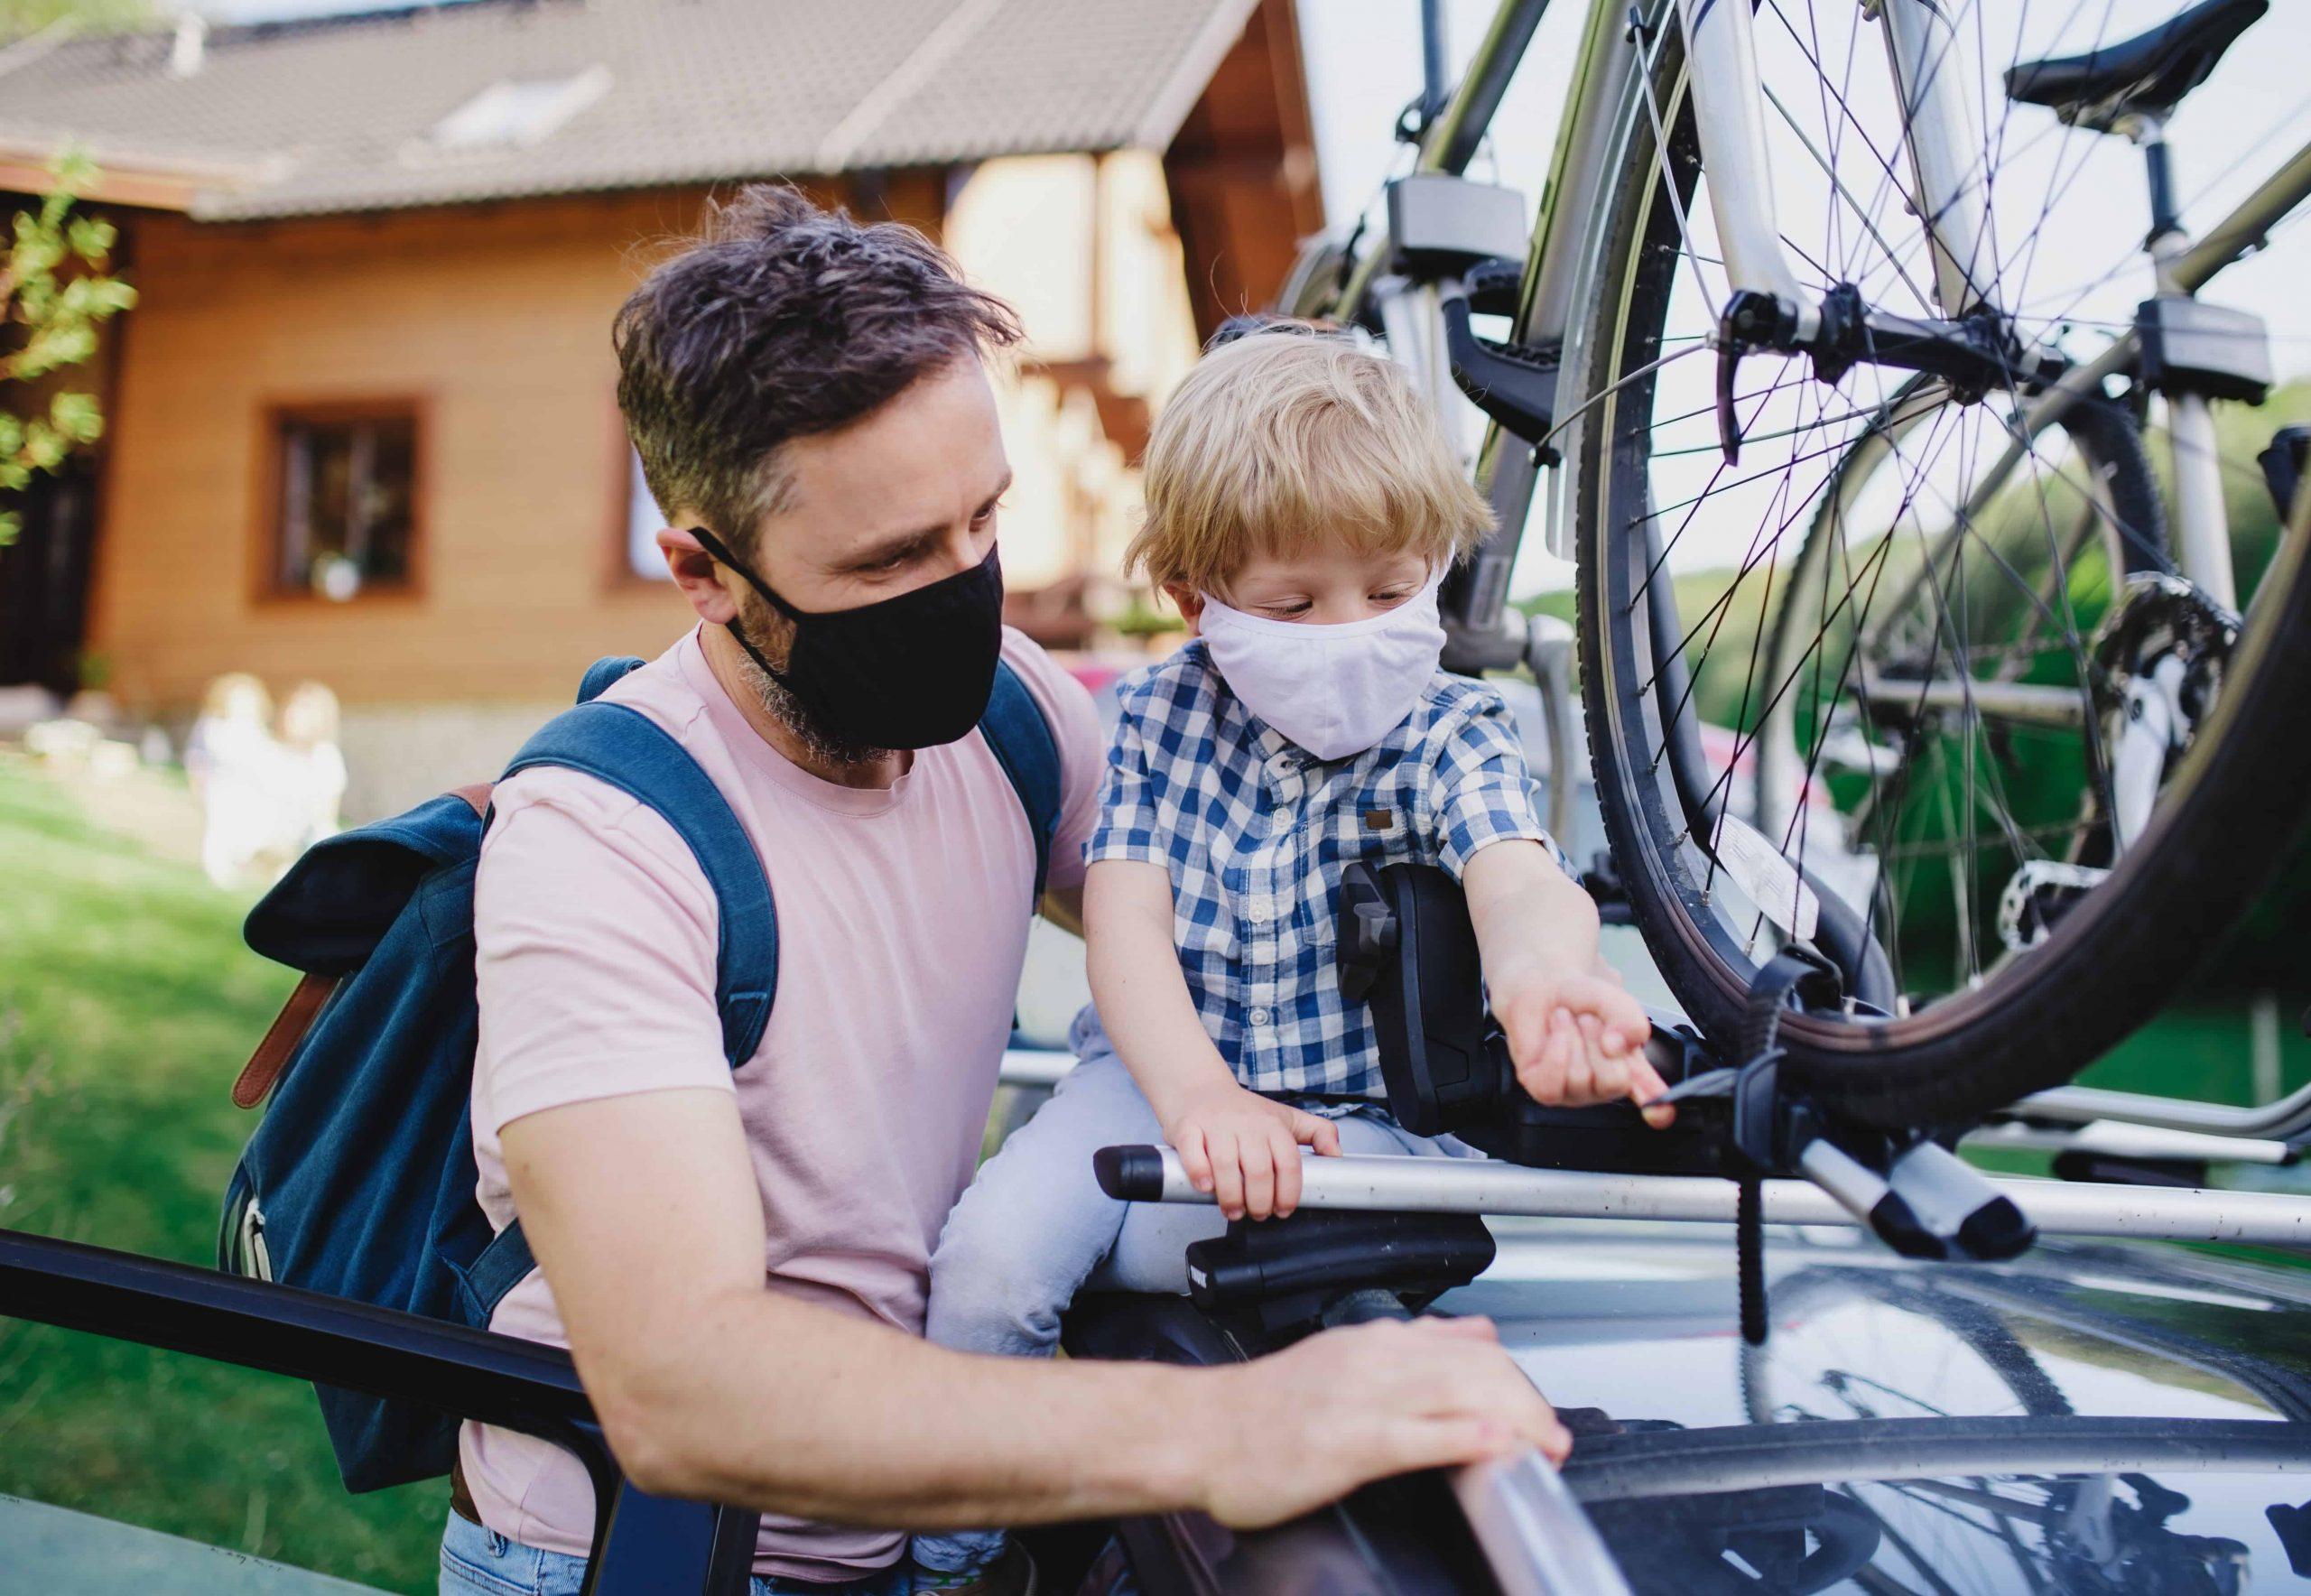 מנשאי אופניים –הדרך הבטוחה לרכב עם אופניים בכל מקום